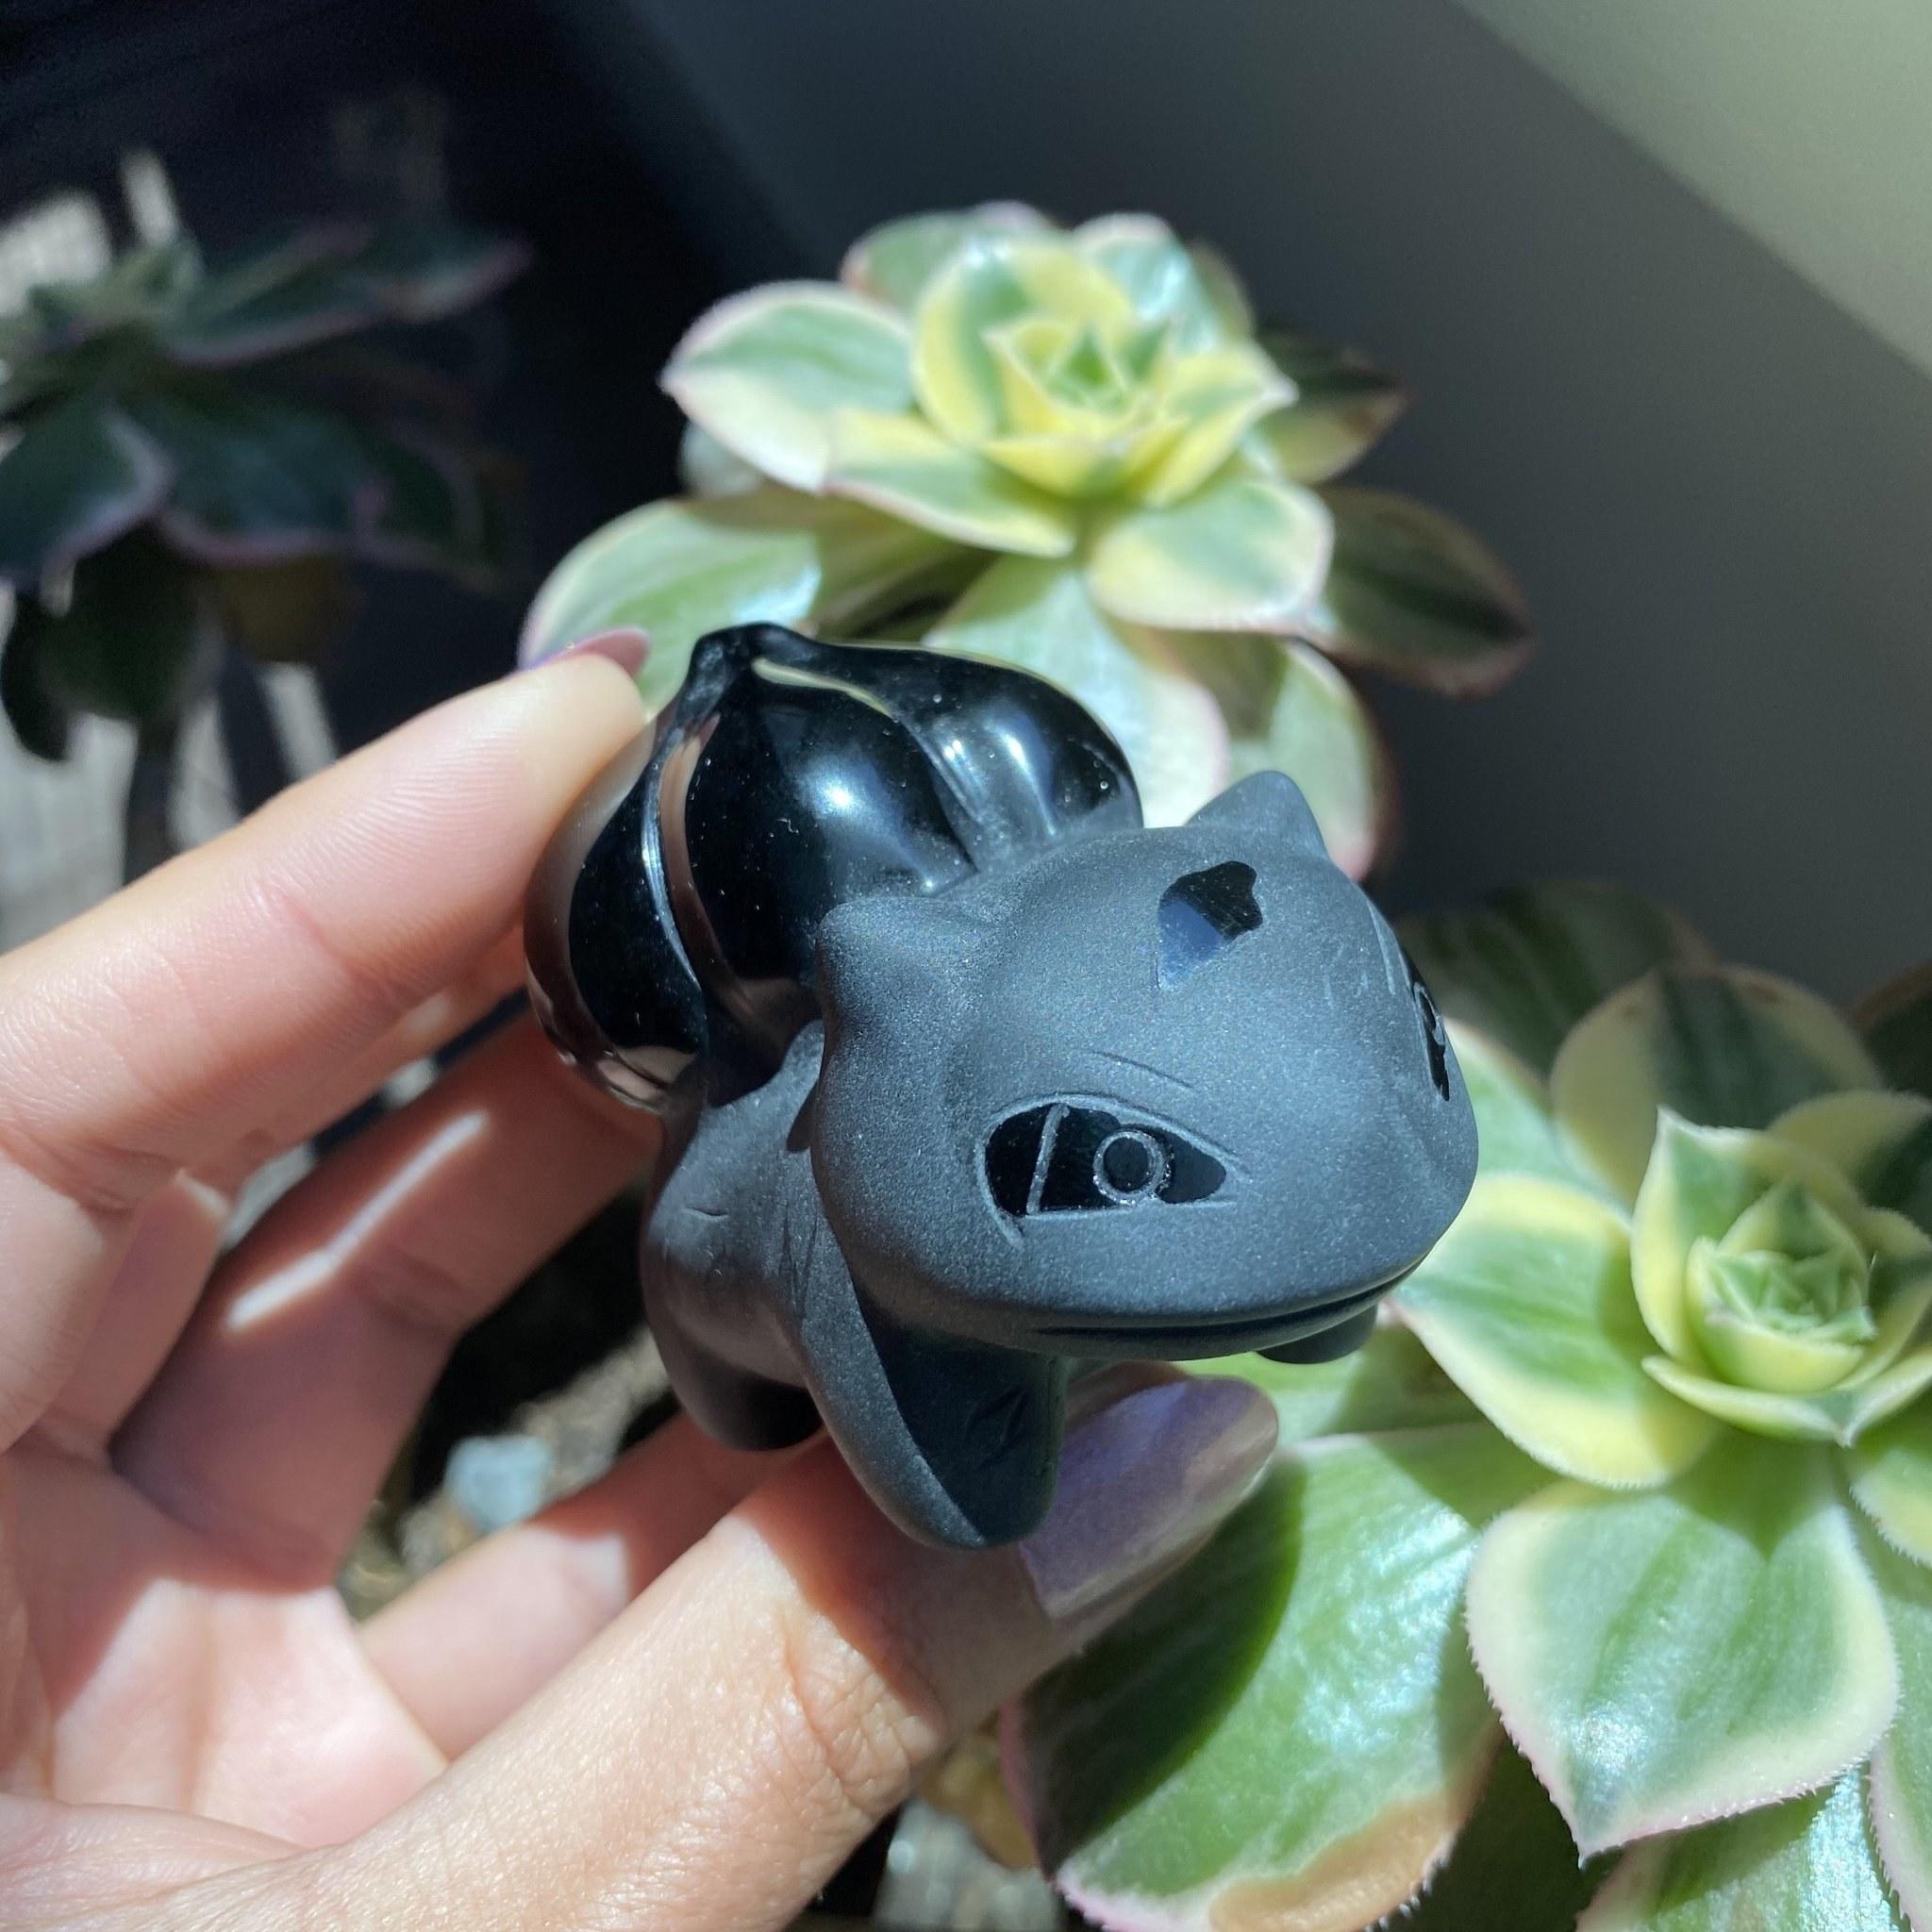 bulbasaur shaped black stone